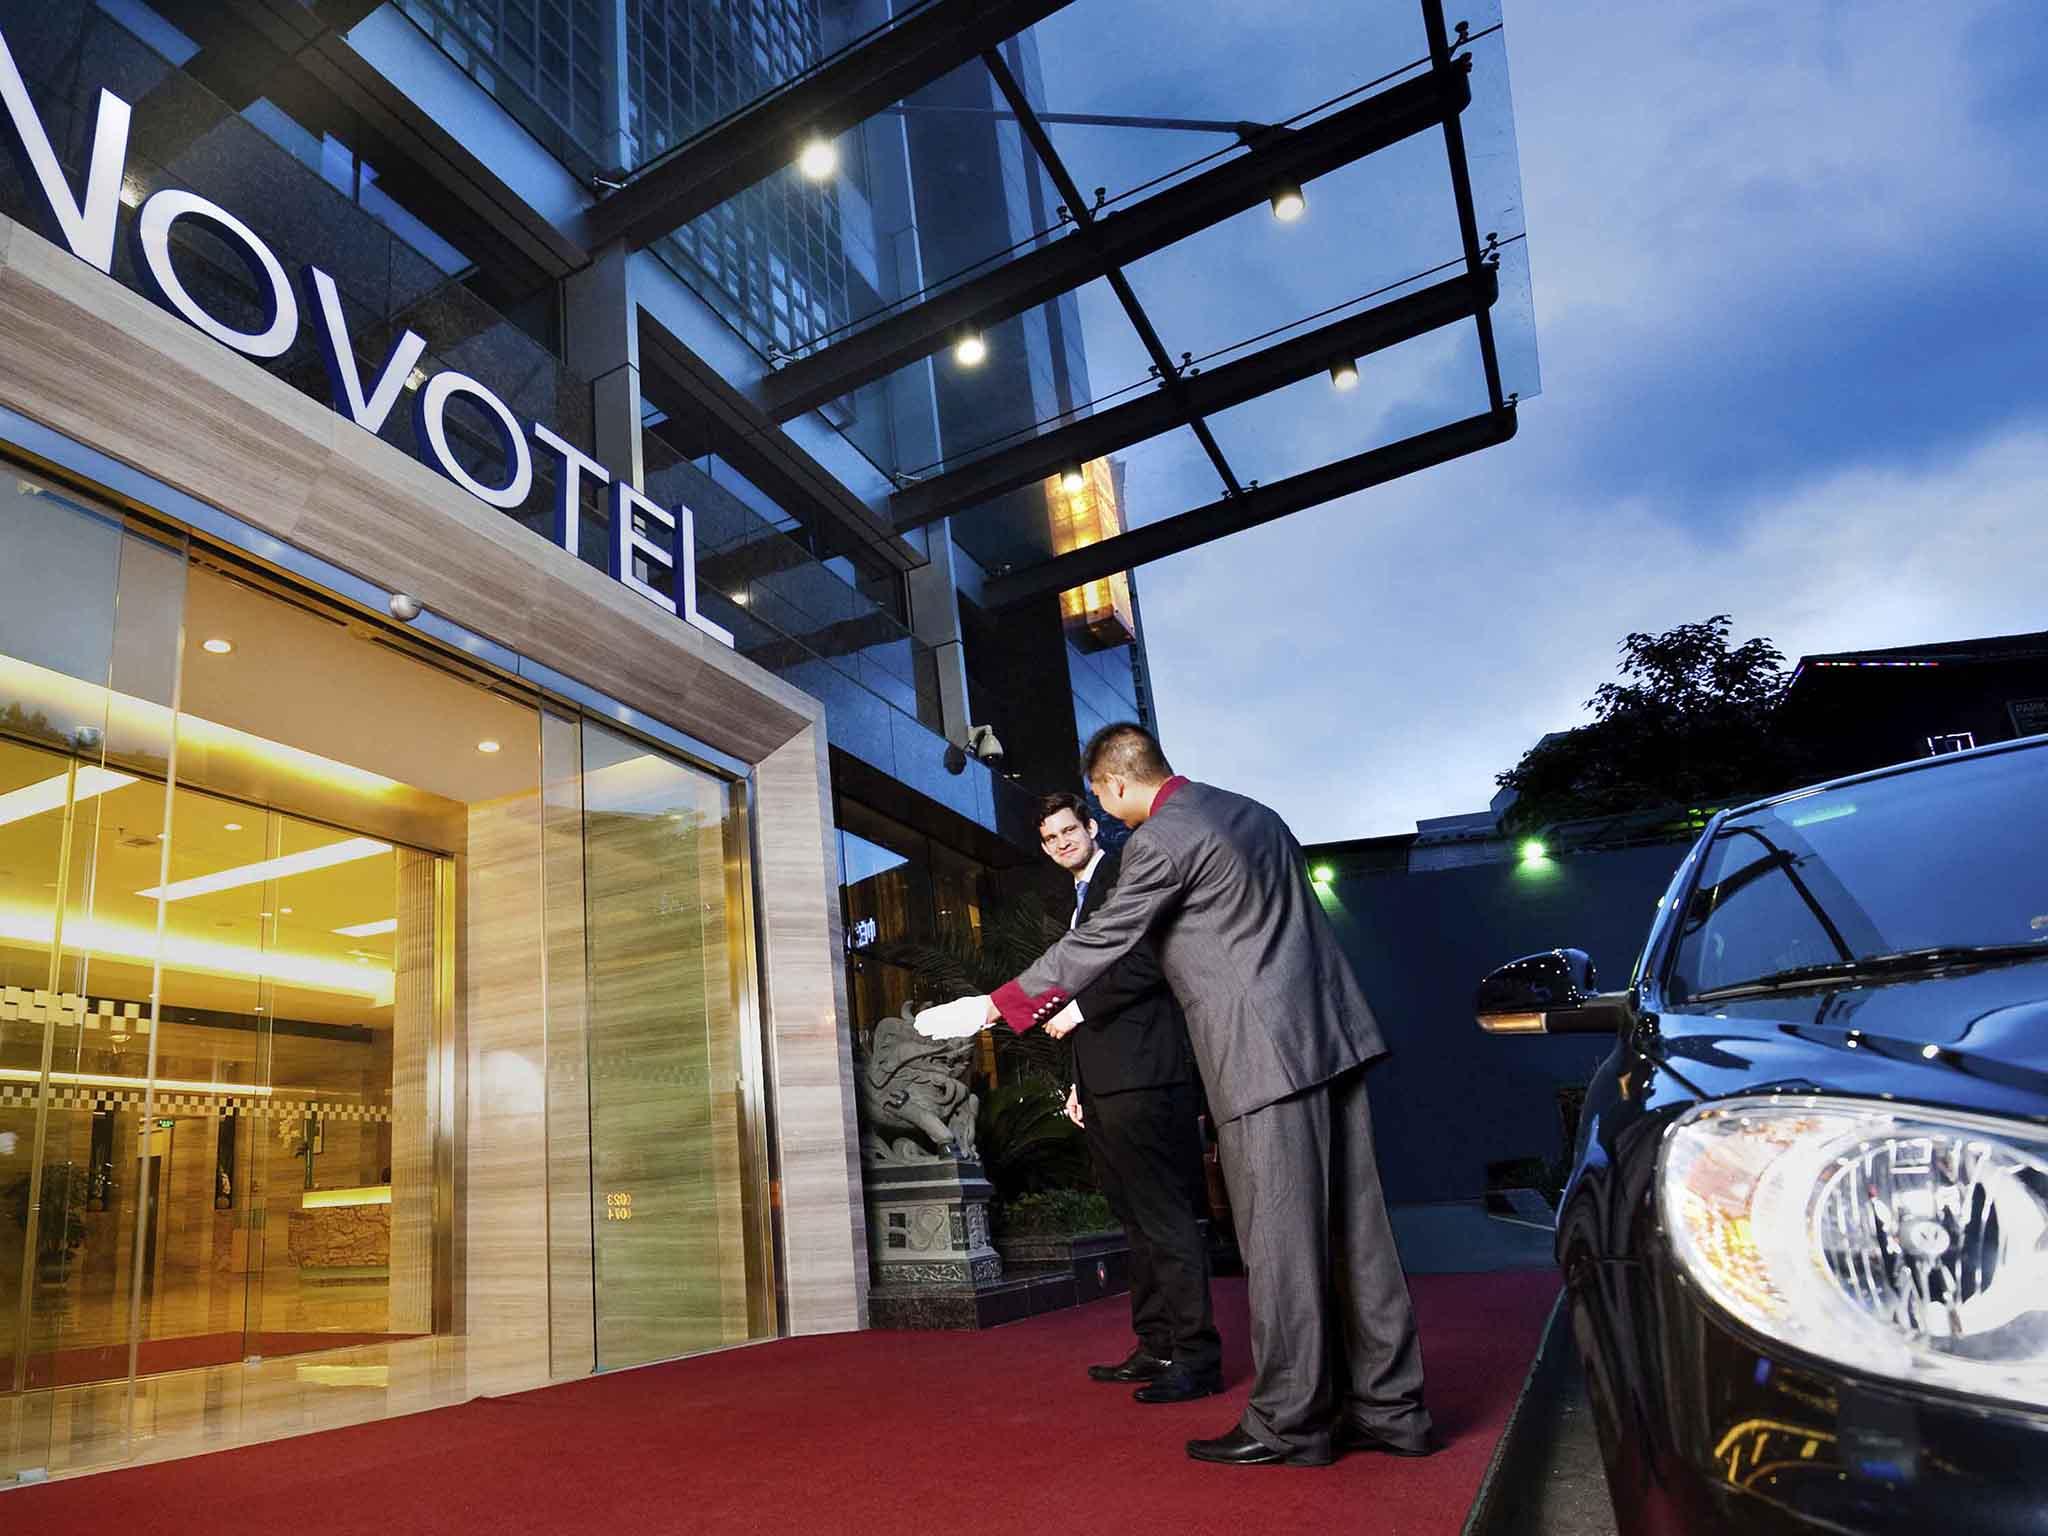 โรงแรม – Novotel Guiyang Downtown